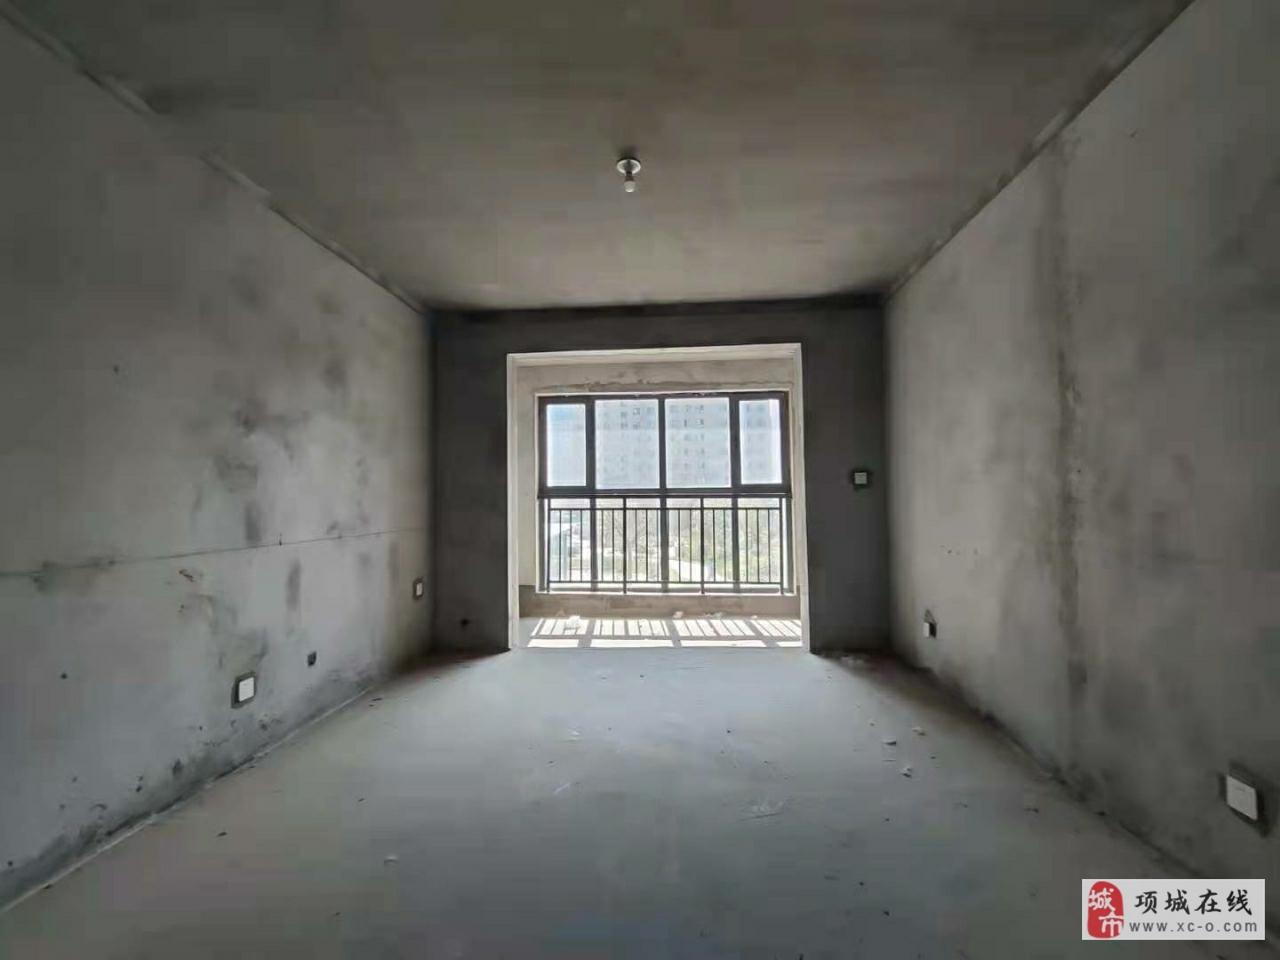 金蟾社区  理想城3室 2厅 2卫43万元毛坯现房